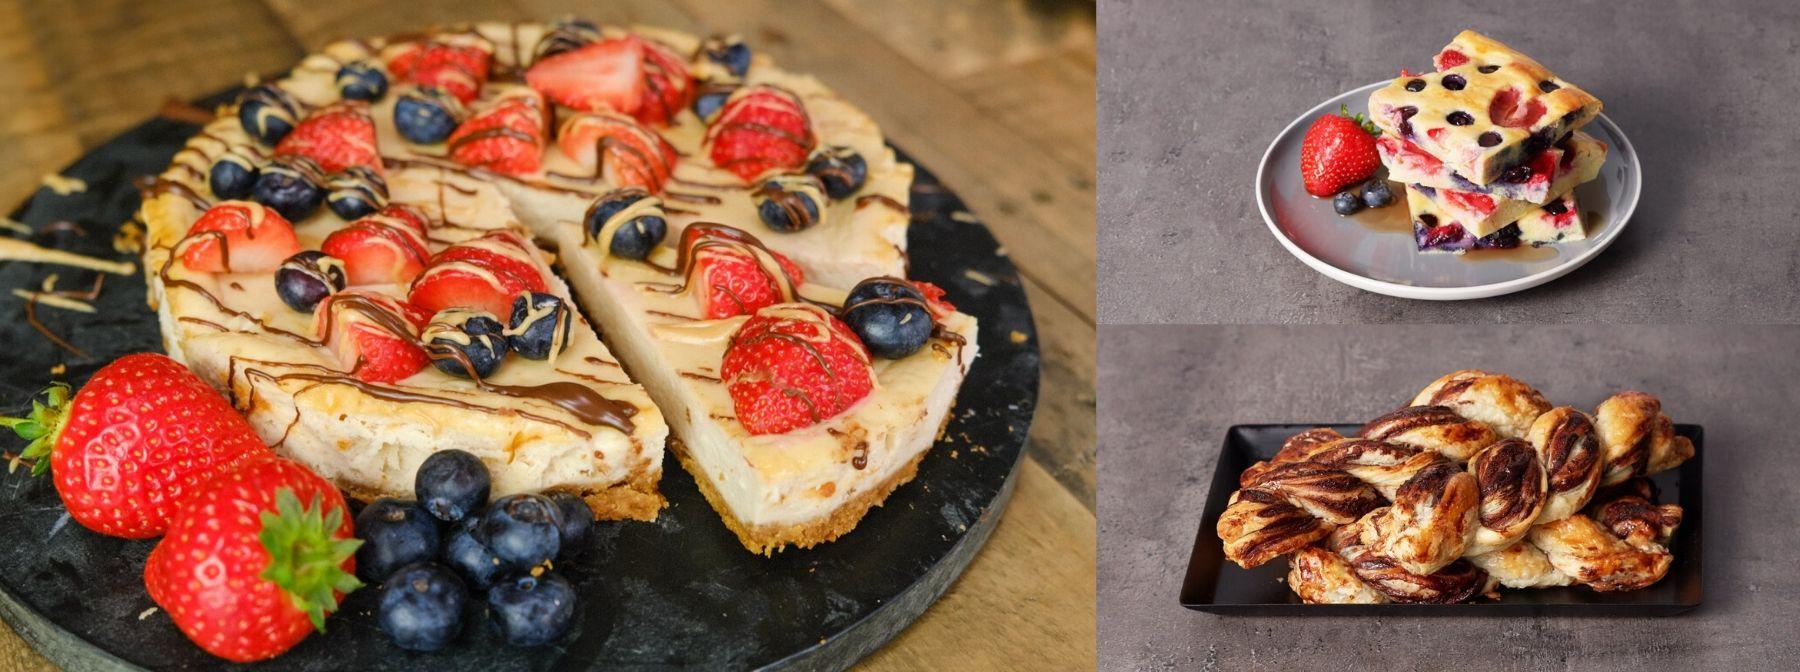 Valentinstag-Frühstück & Dessert | Gesunde Rezepte für deine Date Night